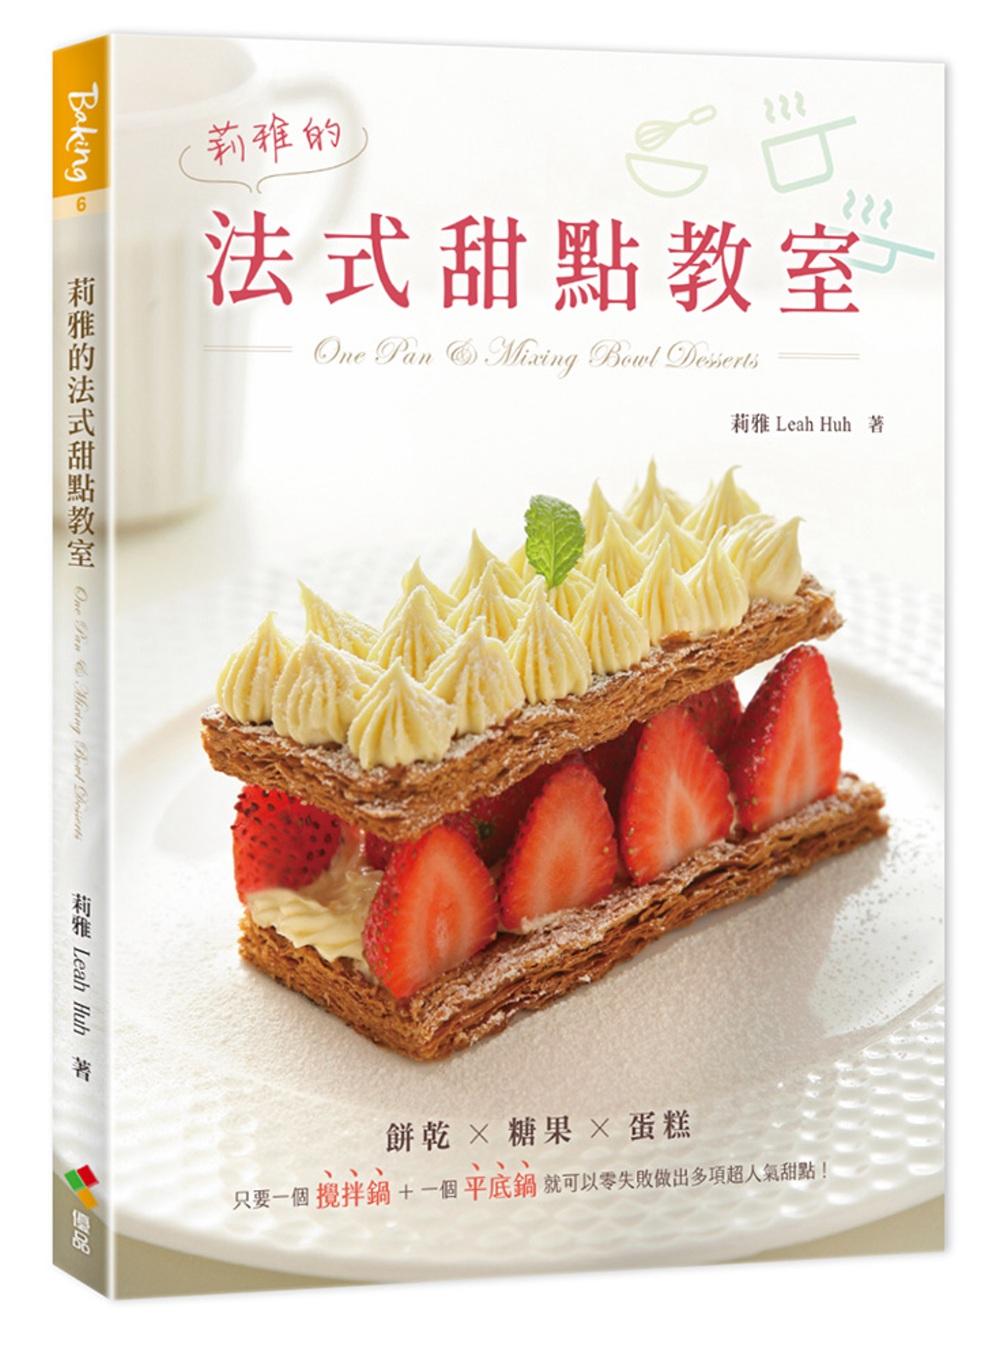 莉雅的法式甜點教室(親簽版+贈品)(限台灣)